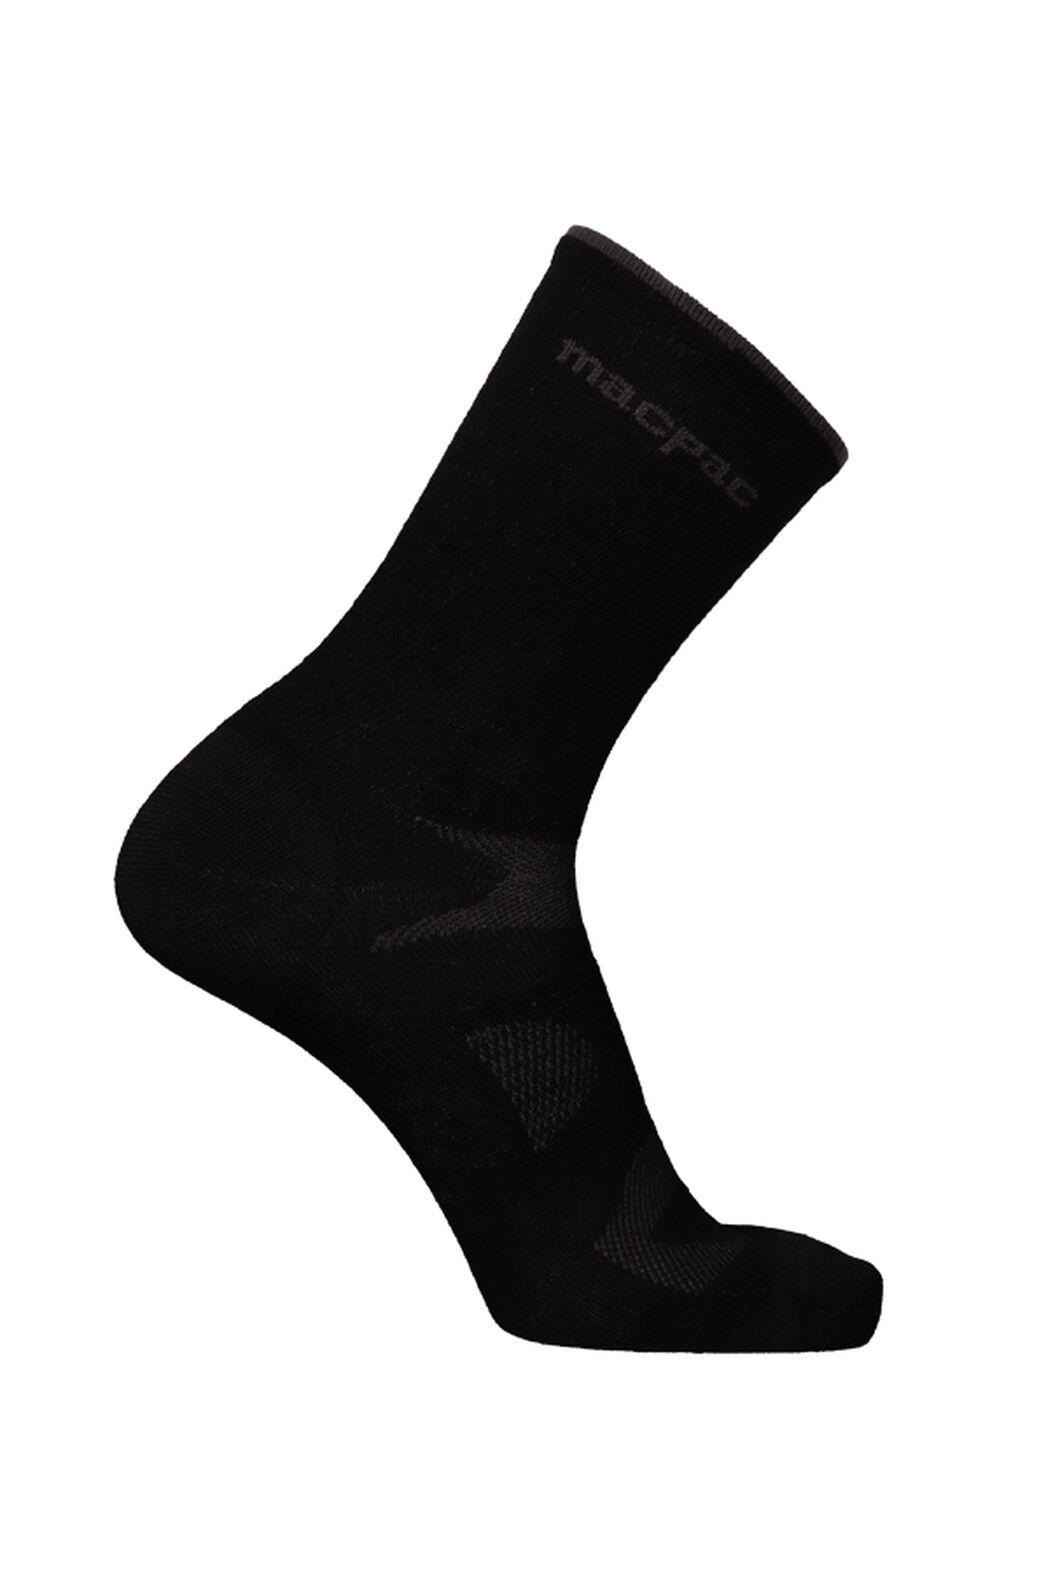 Macpac Merino Rouleur Crew Socks, Black, hi-res